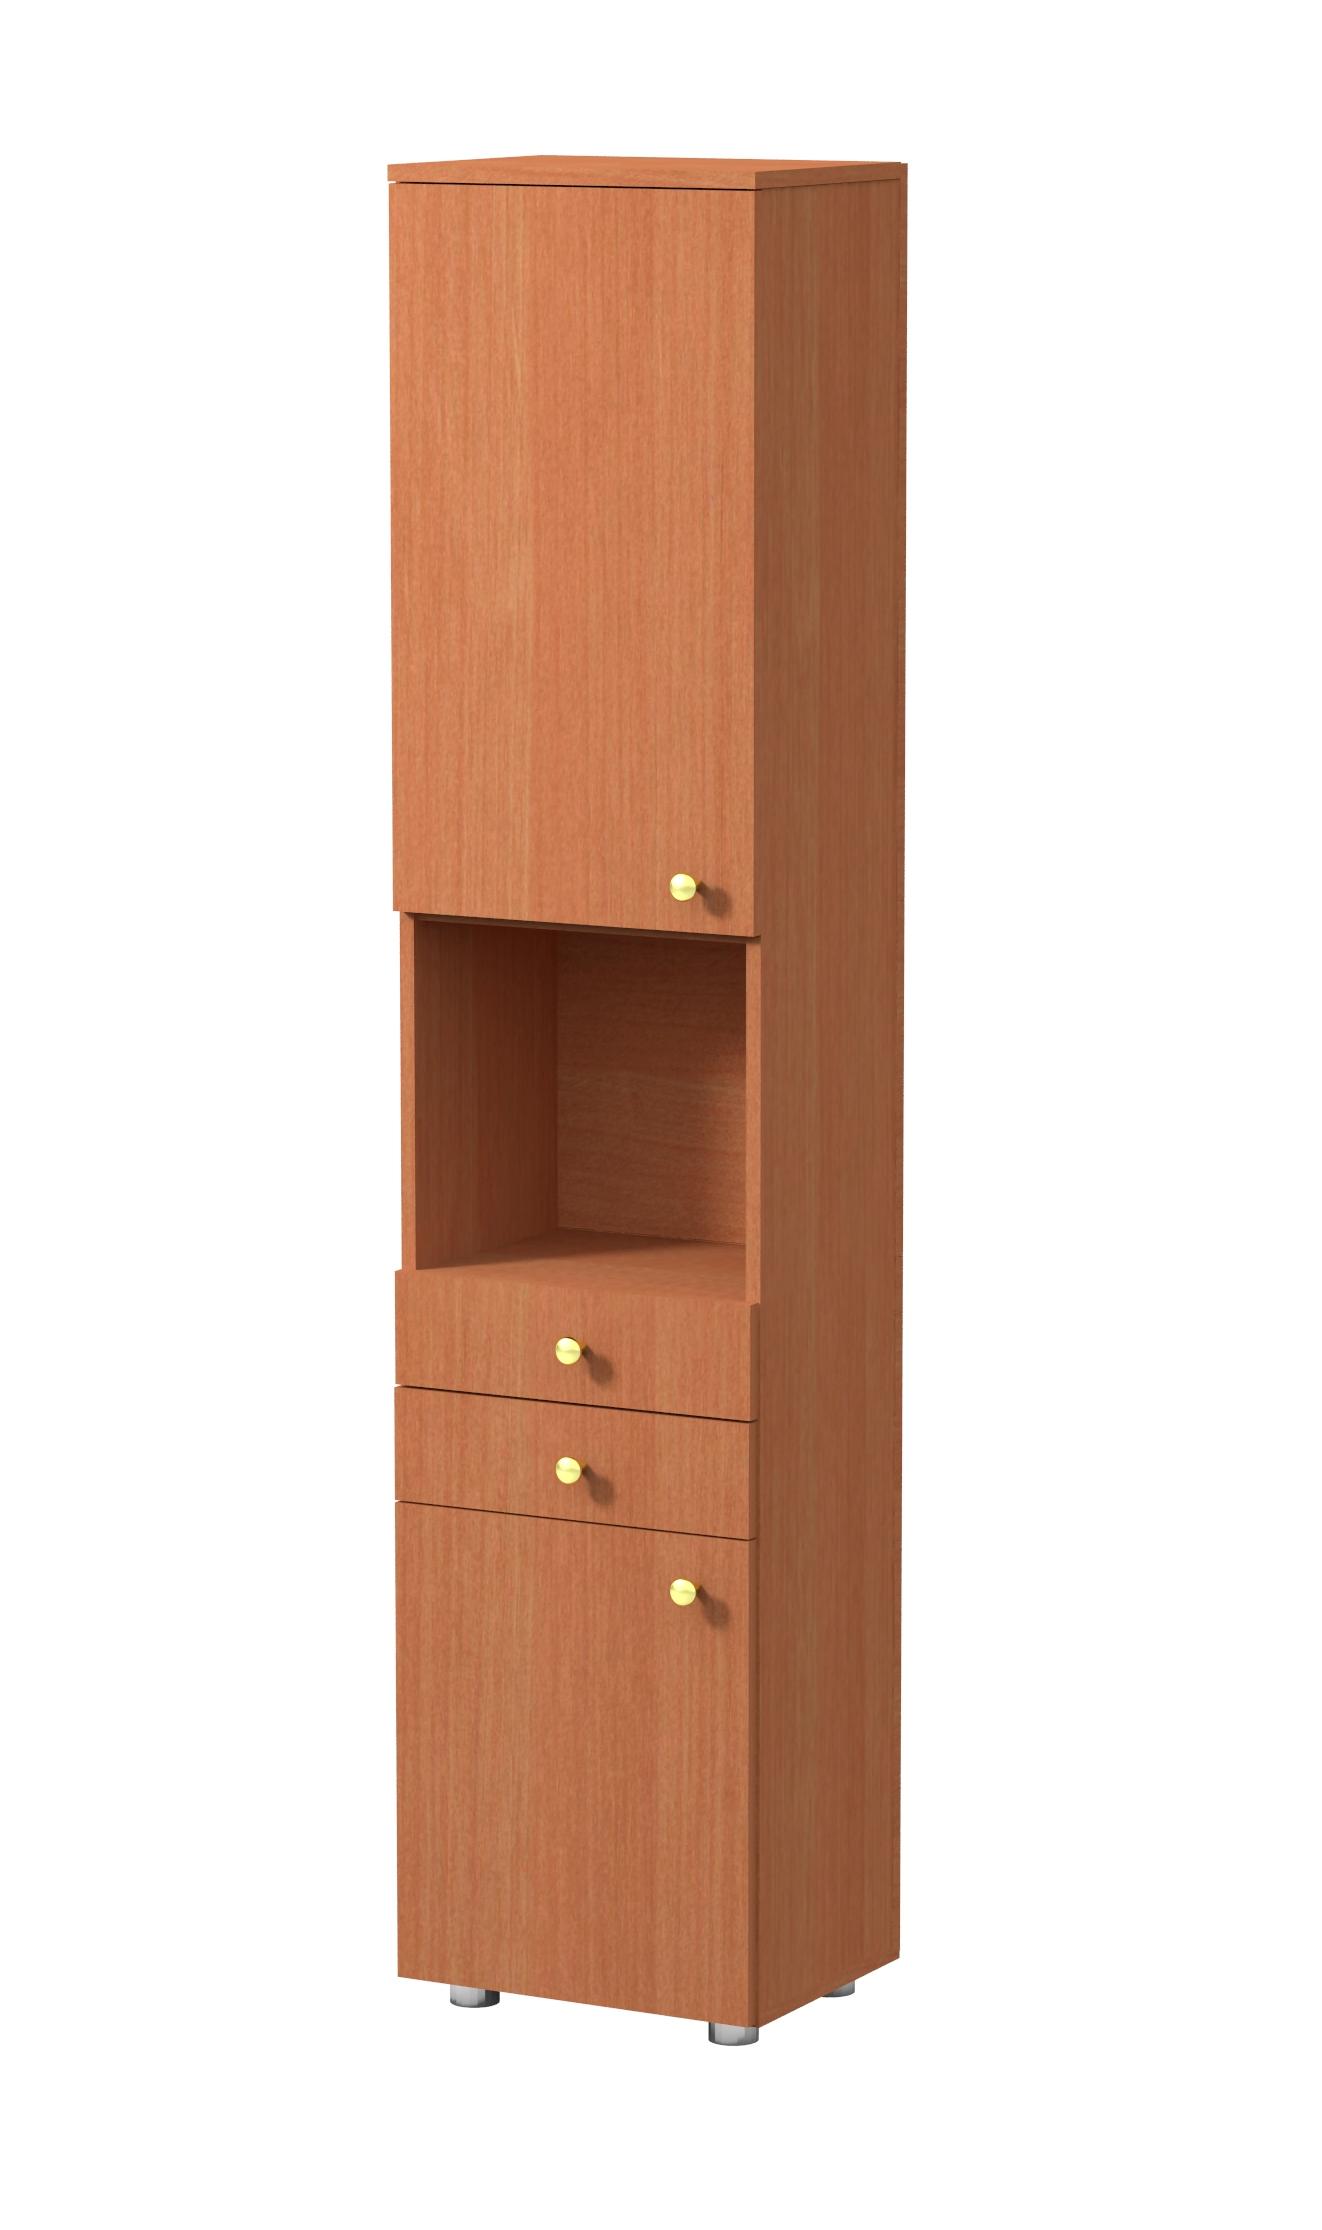 Шкаф книжный ШК-04 шкаф витрина мебель смоленск шк 07